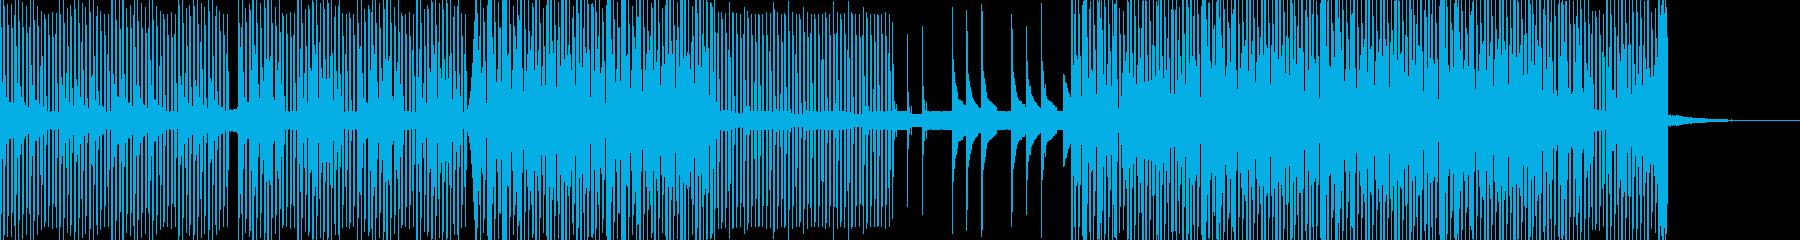 ミニマルなテクノの再生済みの波形